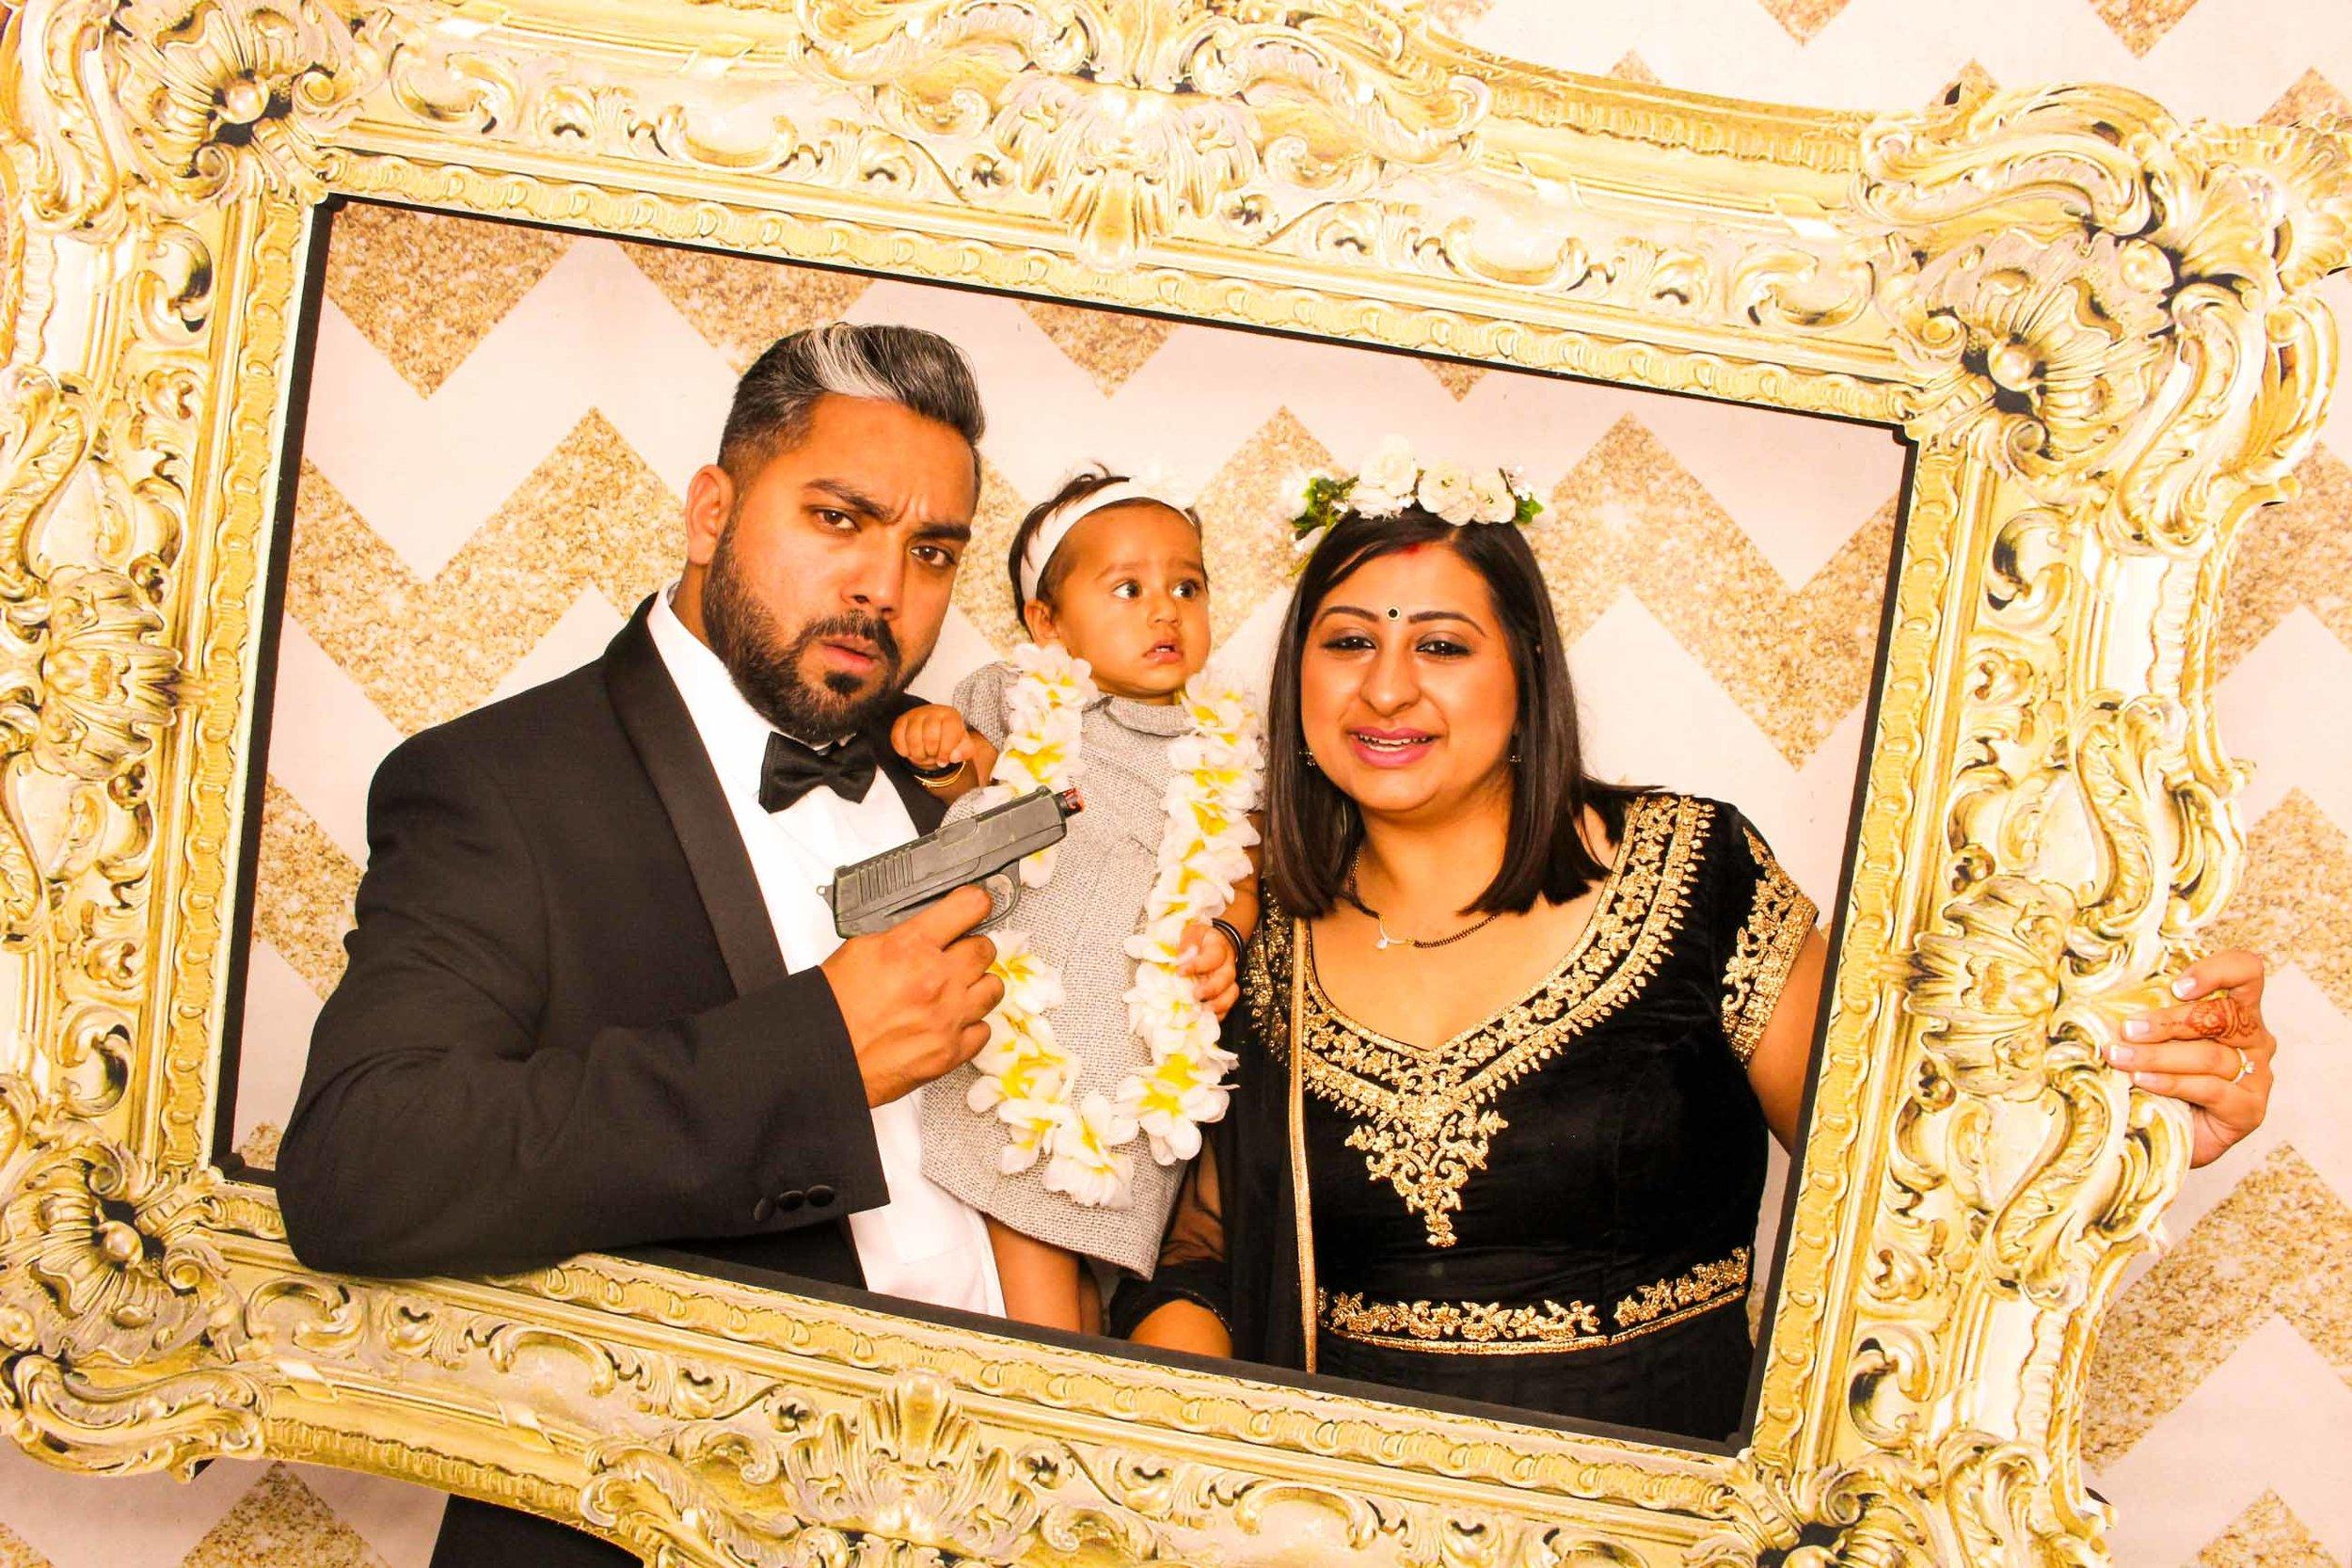 Shyam weds Aneesha